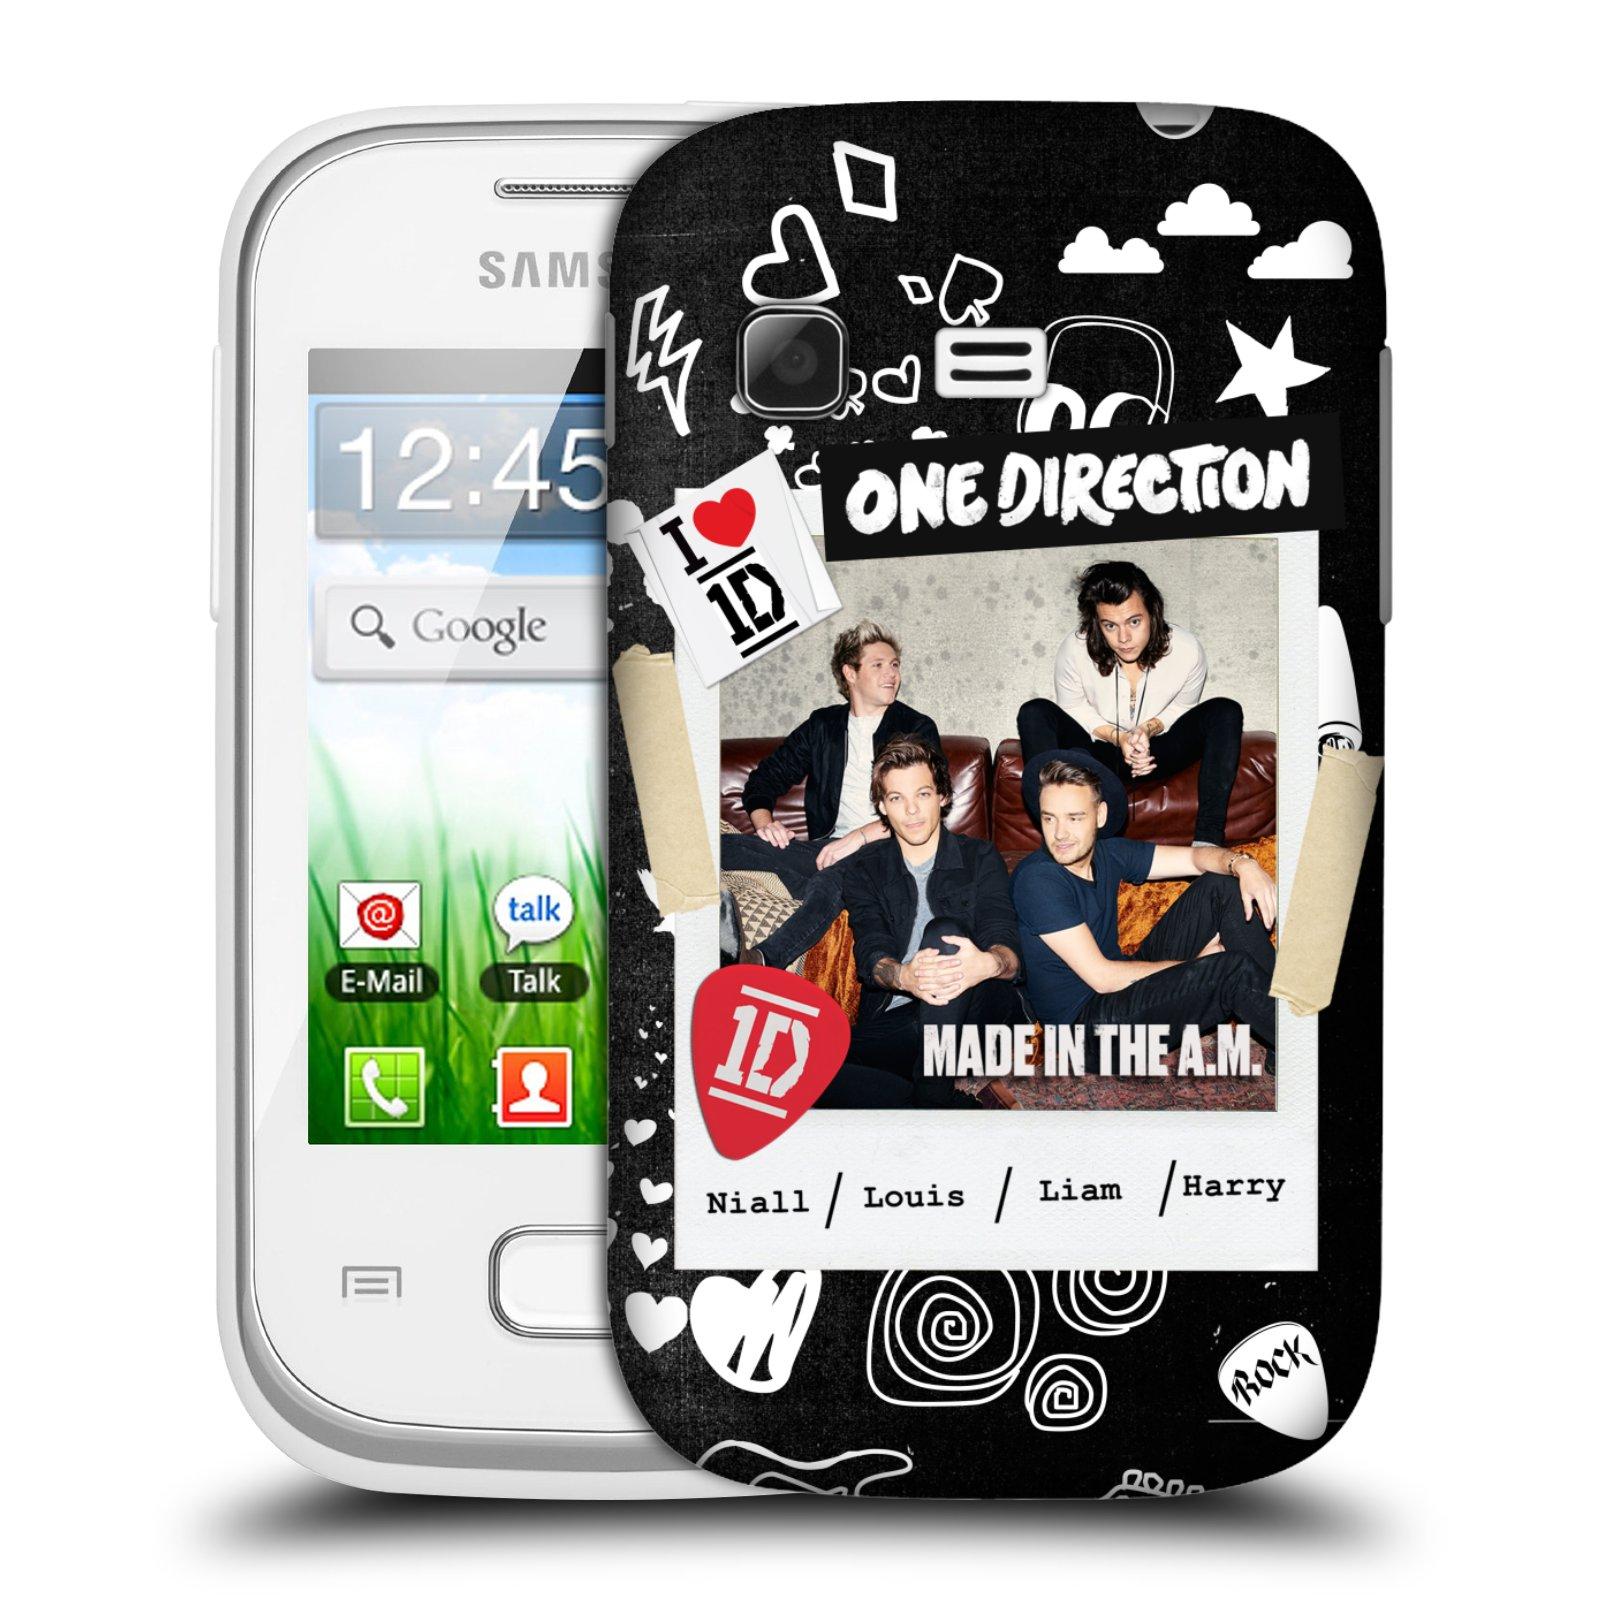 Plastové pouzdro na mobil Samsung Galaxy Pocket HEAD CASE One Direction - S kytárou (Kryt či obal One Direction Official na mobilní telefon Samsung Galaxy Pocket GT-S5300)